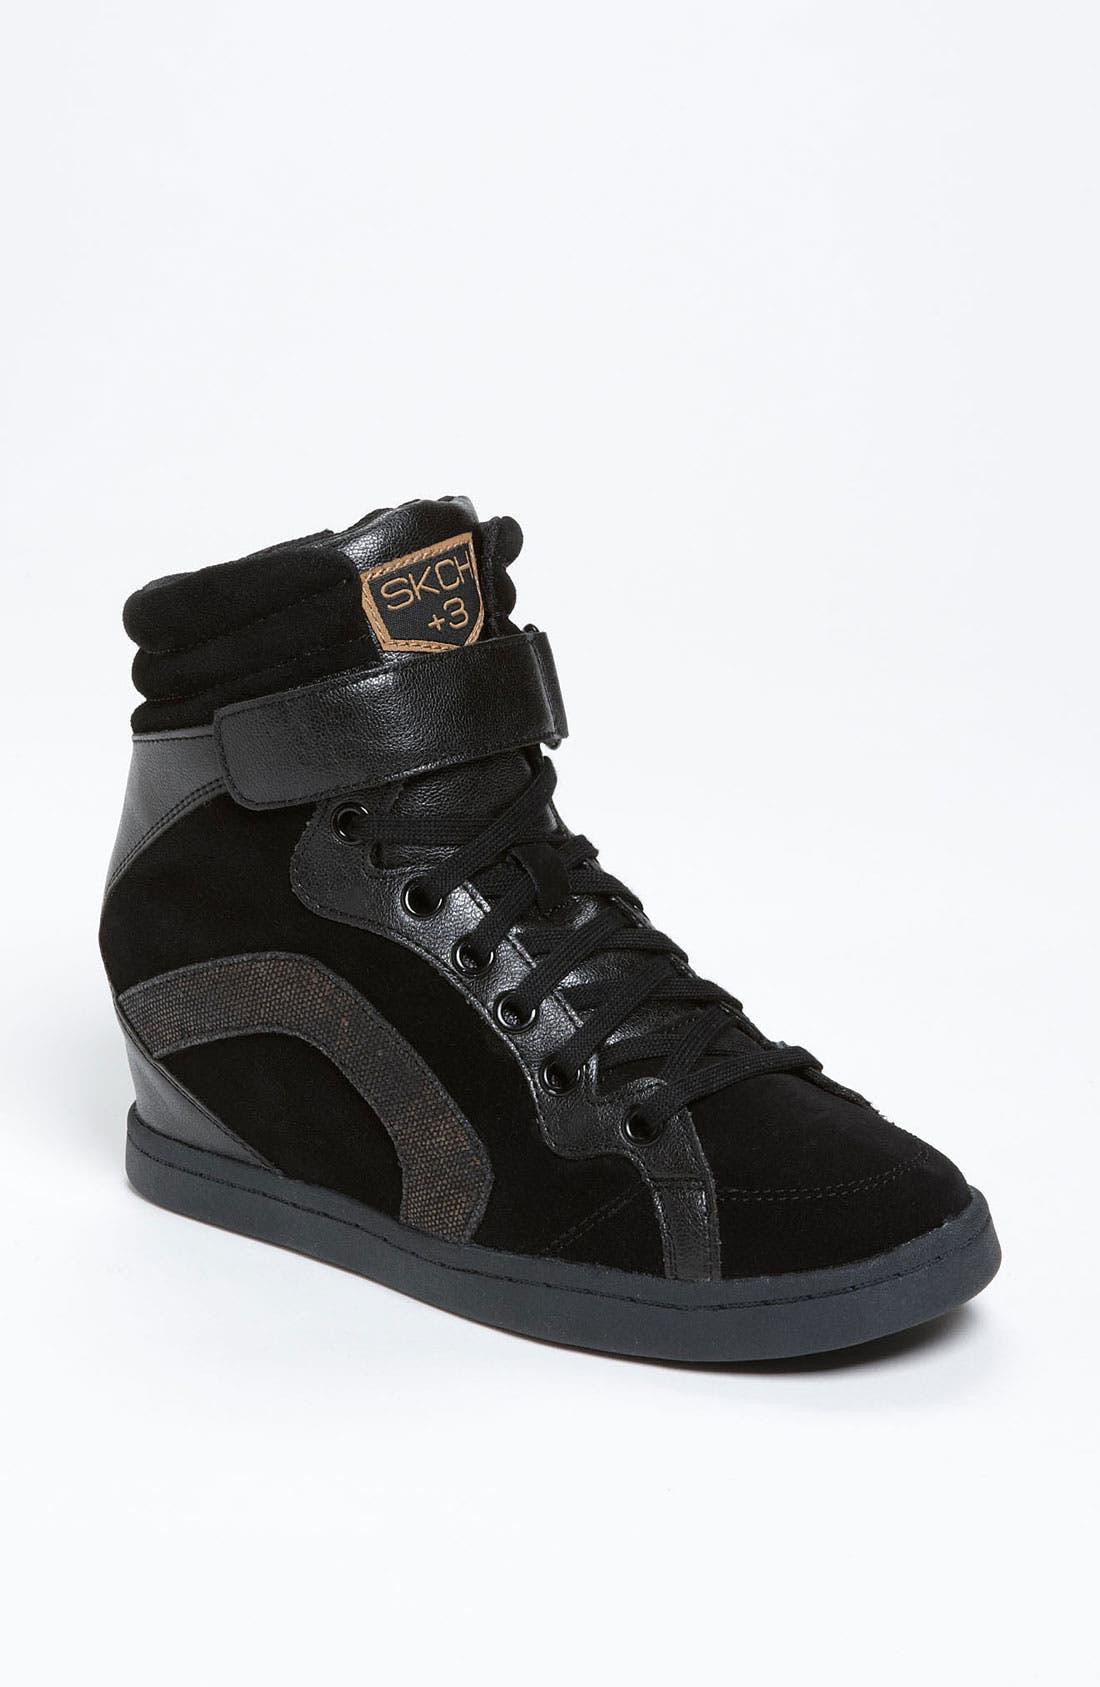 Alternate Image 1 Selected - SKECHERS 'Three Booster' Wedge Sneaker (Women)